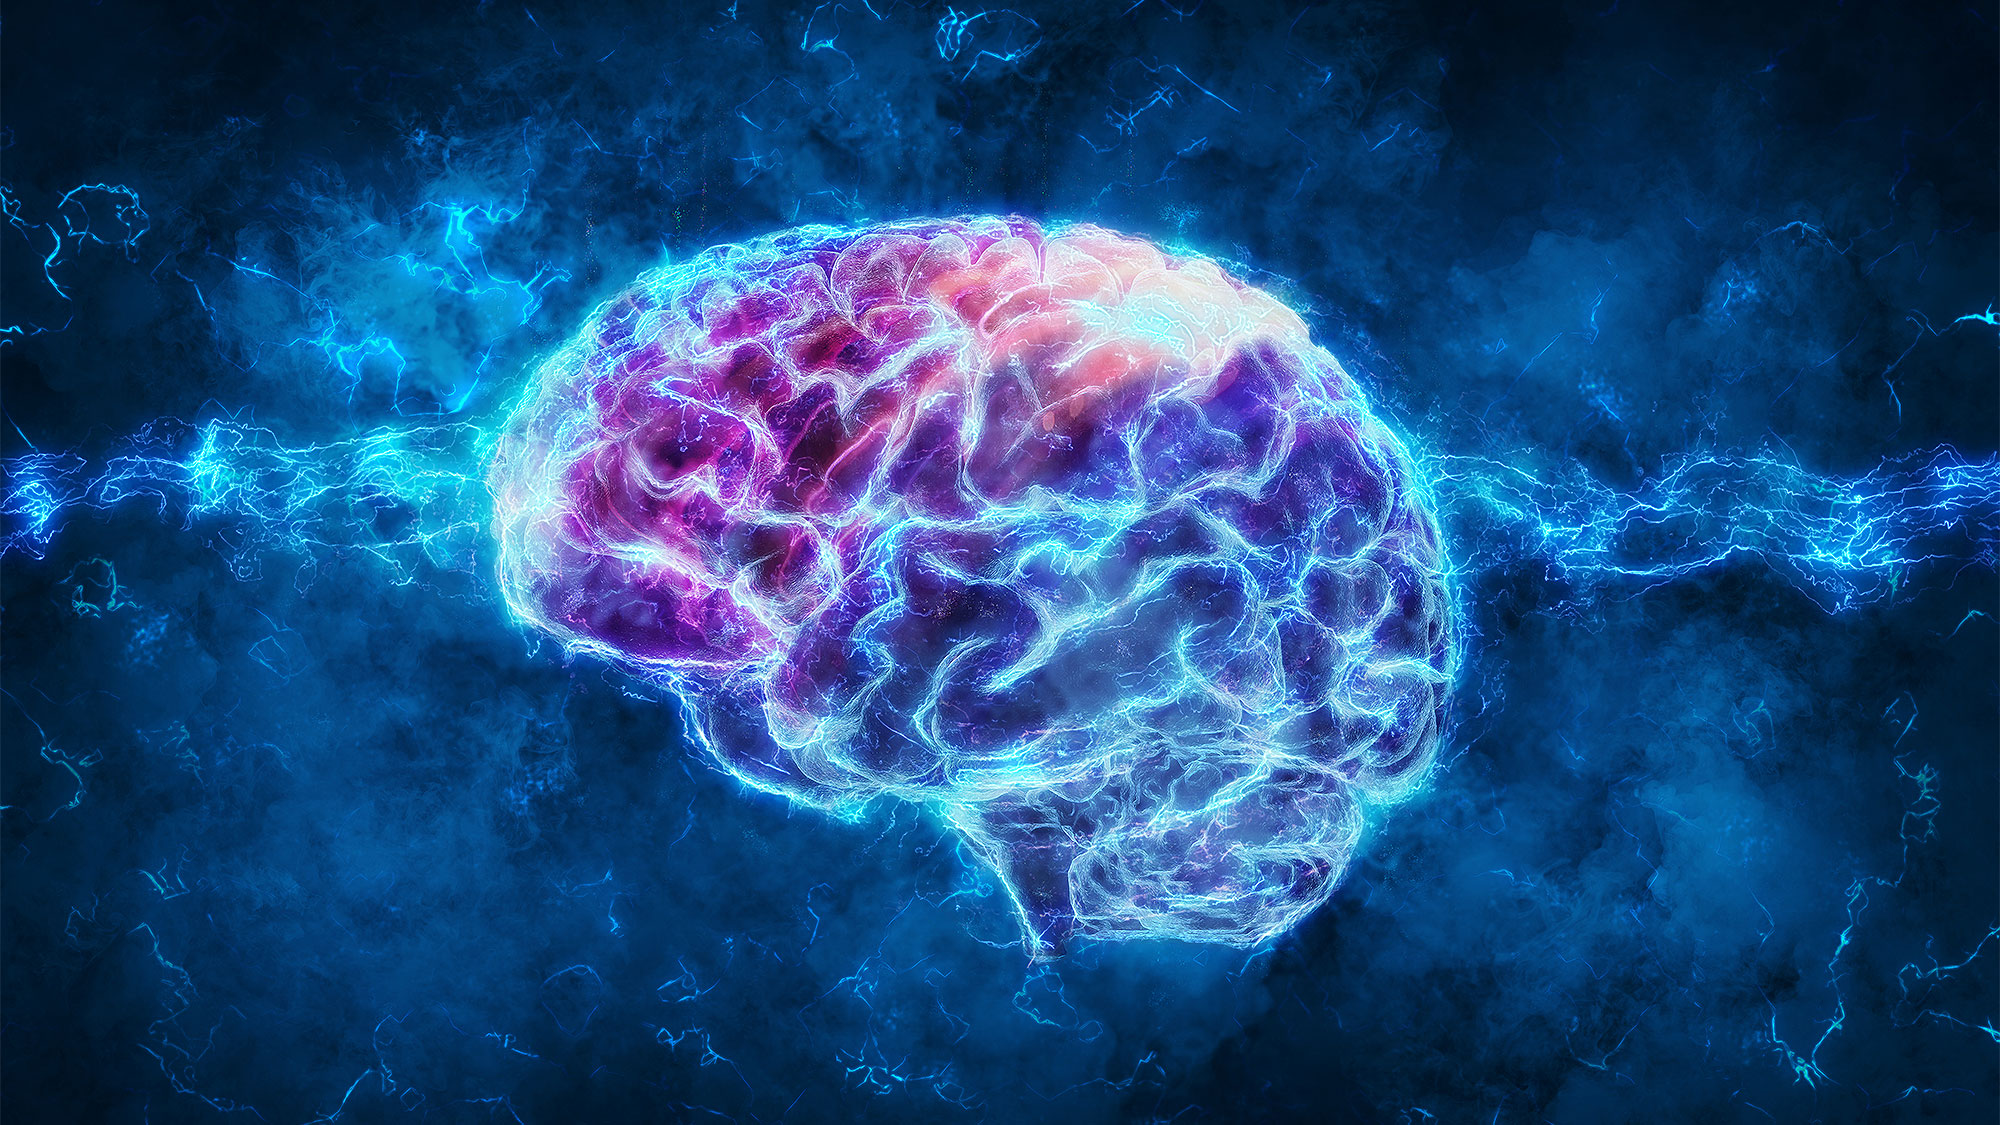 Мозг — вселенная из 11 измерений. Невероятное открытие нейрофизиологов